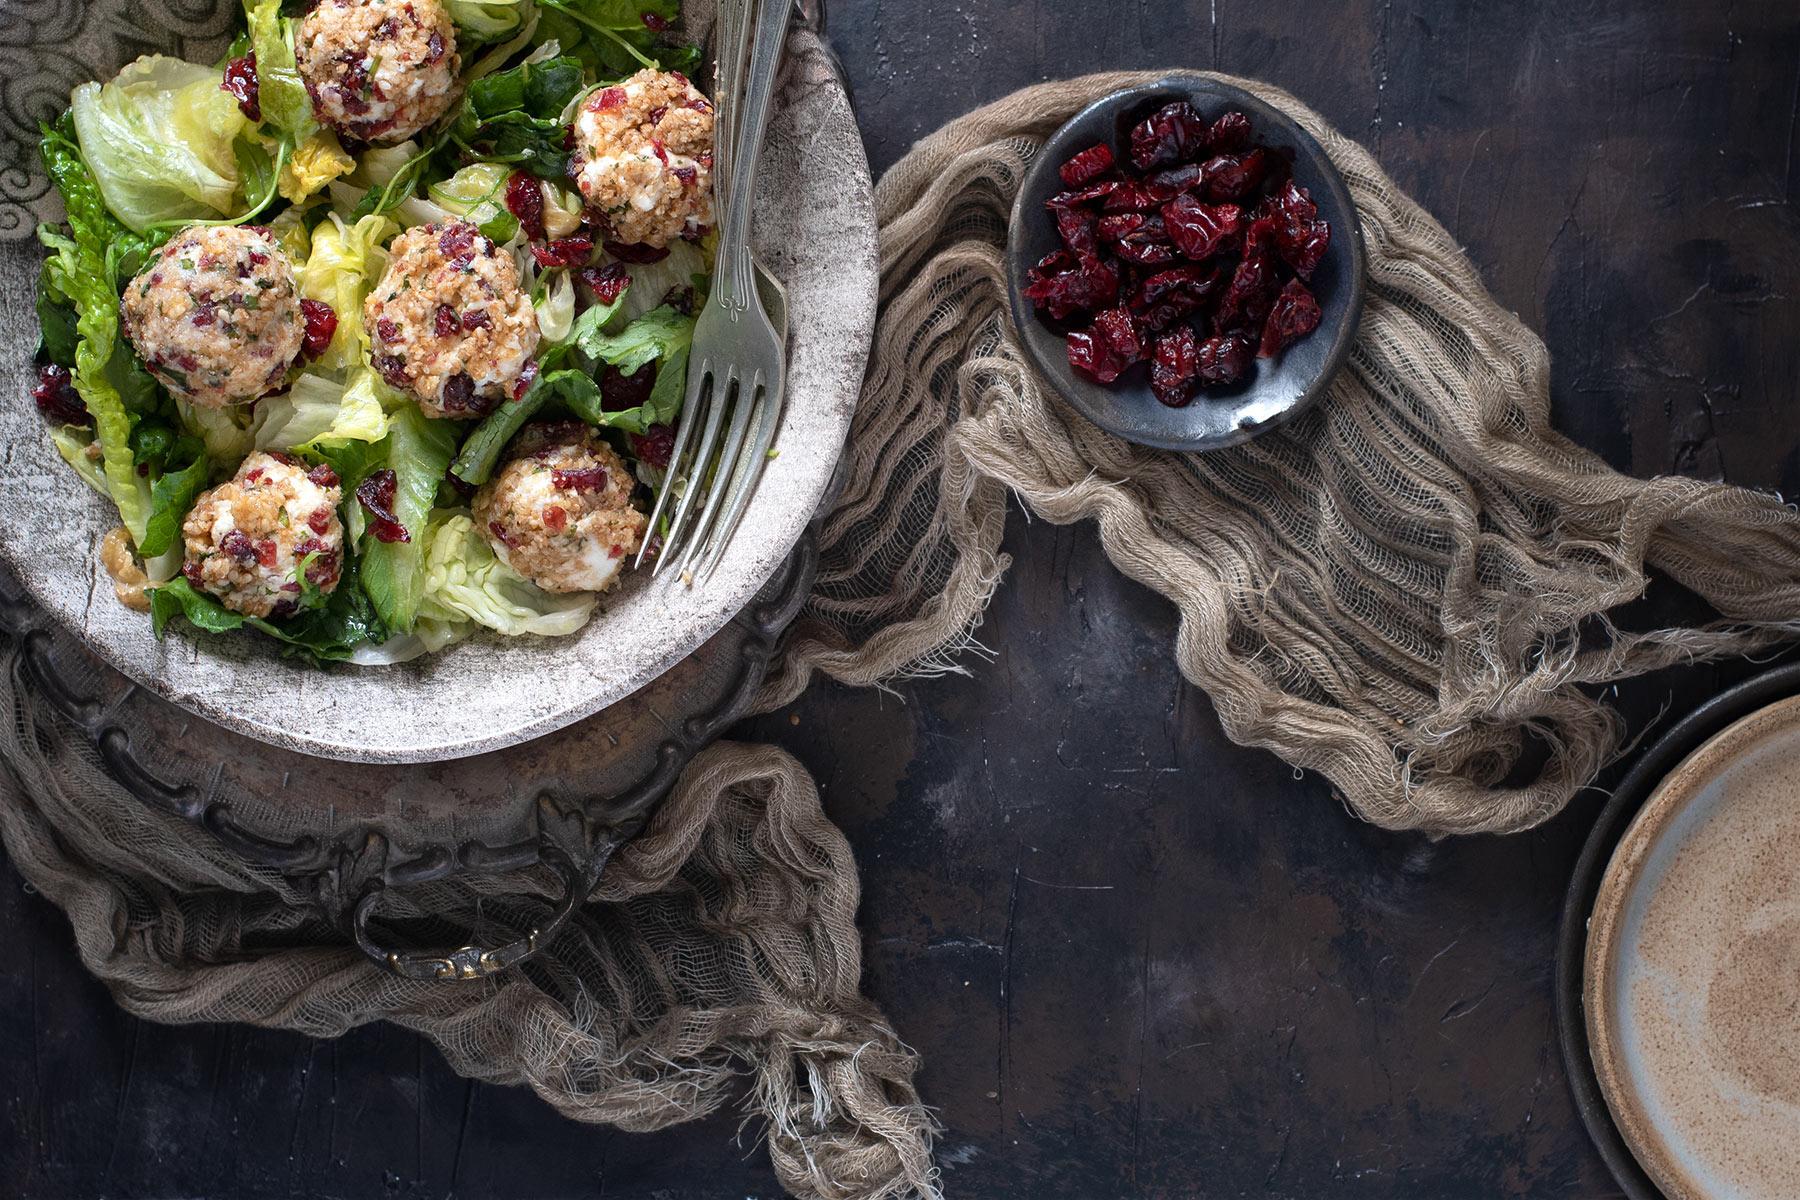 πράσινη σαλάτα φρεσκούλης με μπαλίτσες τυριών, τρούφακια τυριών, παστέλι, cranberries